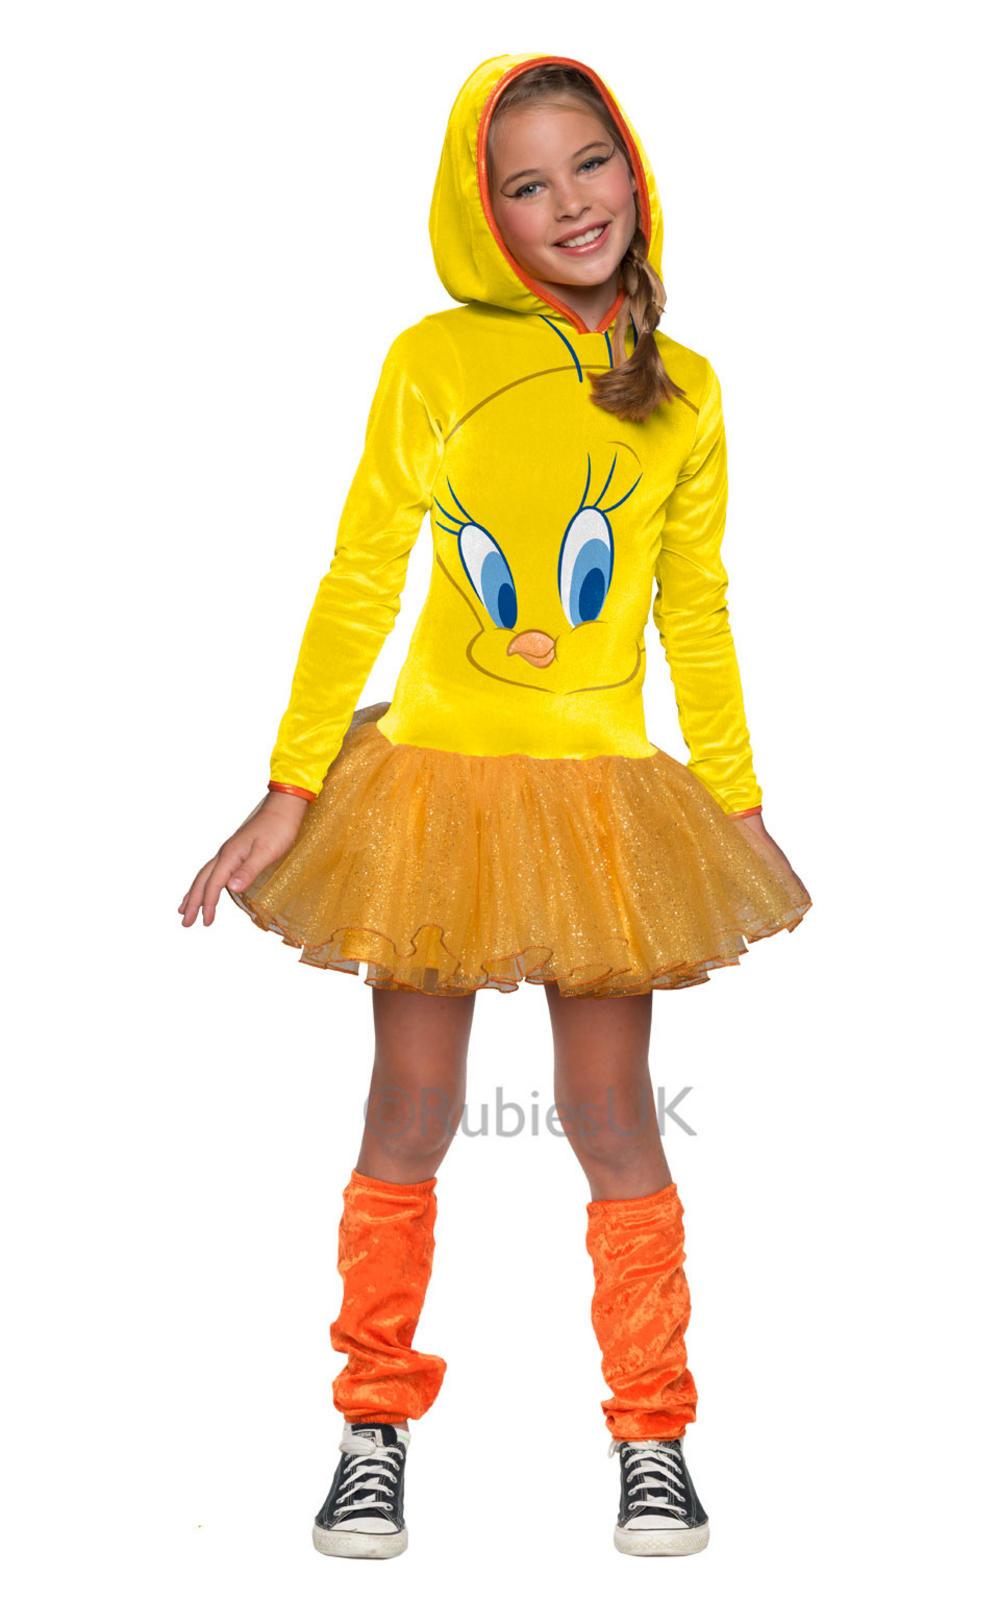 Cartoon Characters Costumes : Tweety pie girls cartoon character costume tv book and